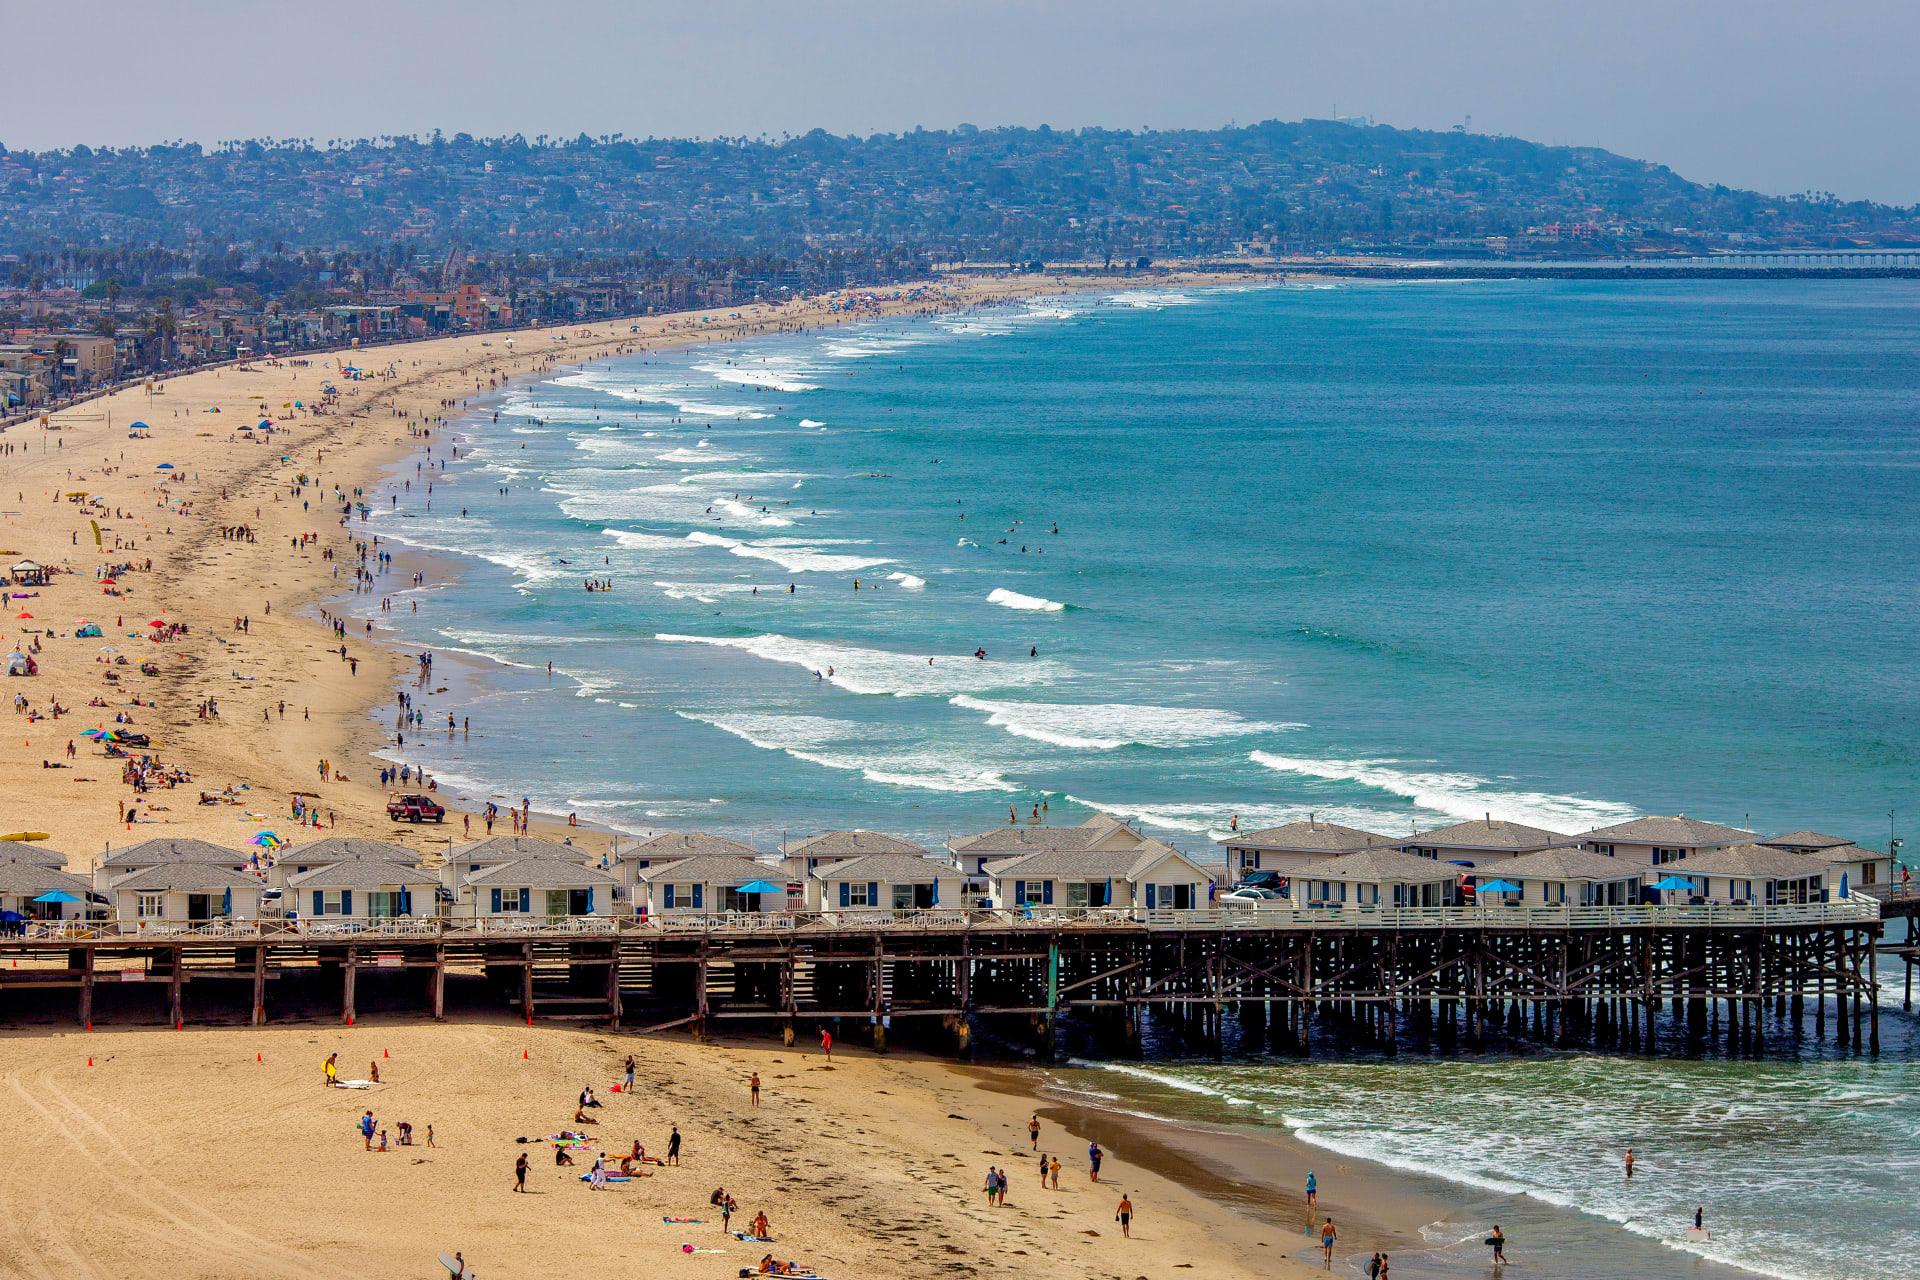 San Diego - Pacific Beach Local Tour